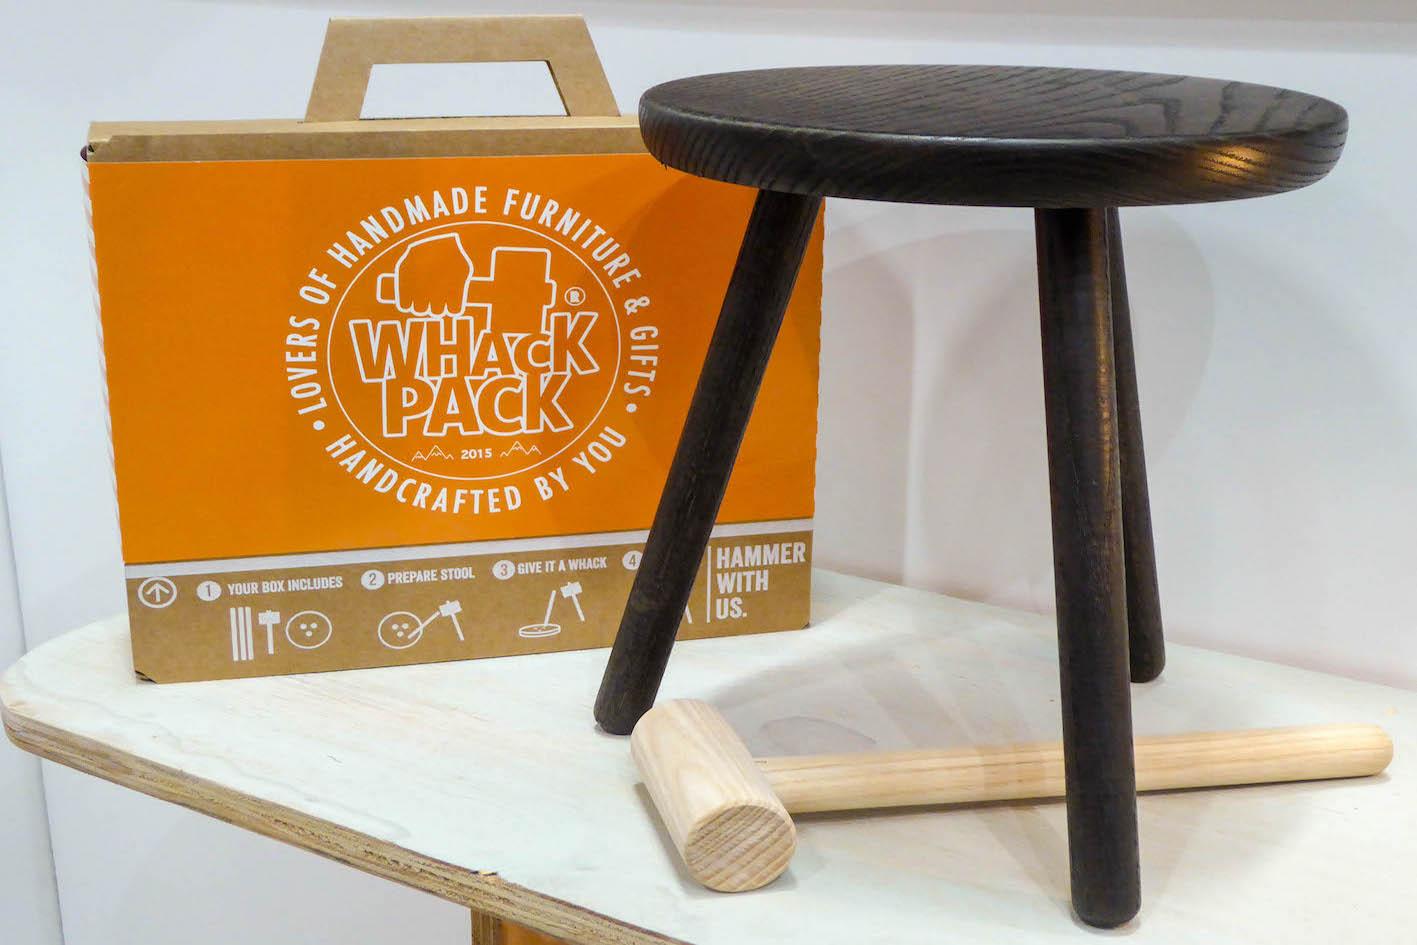 WhackPack Furniture